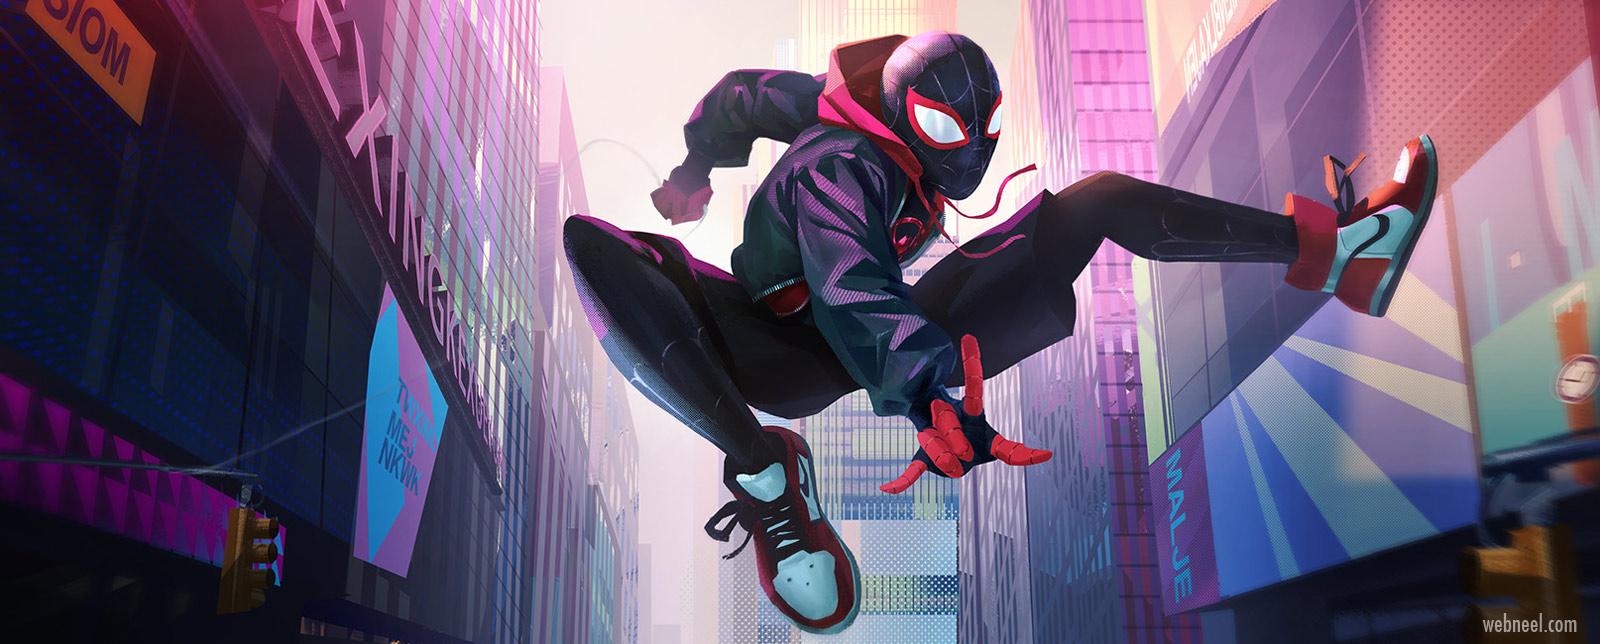 spiderman illustration vector 2d